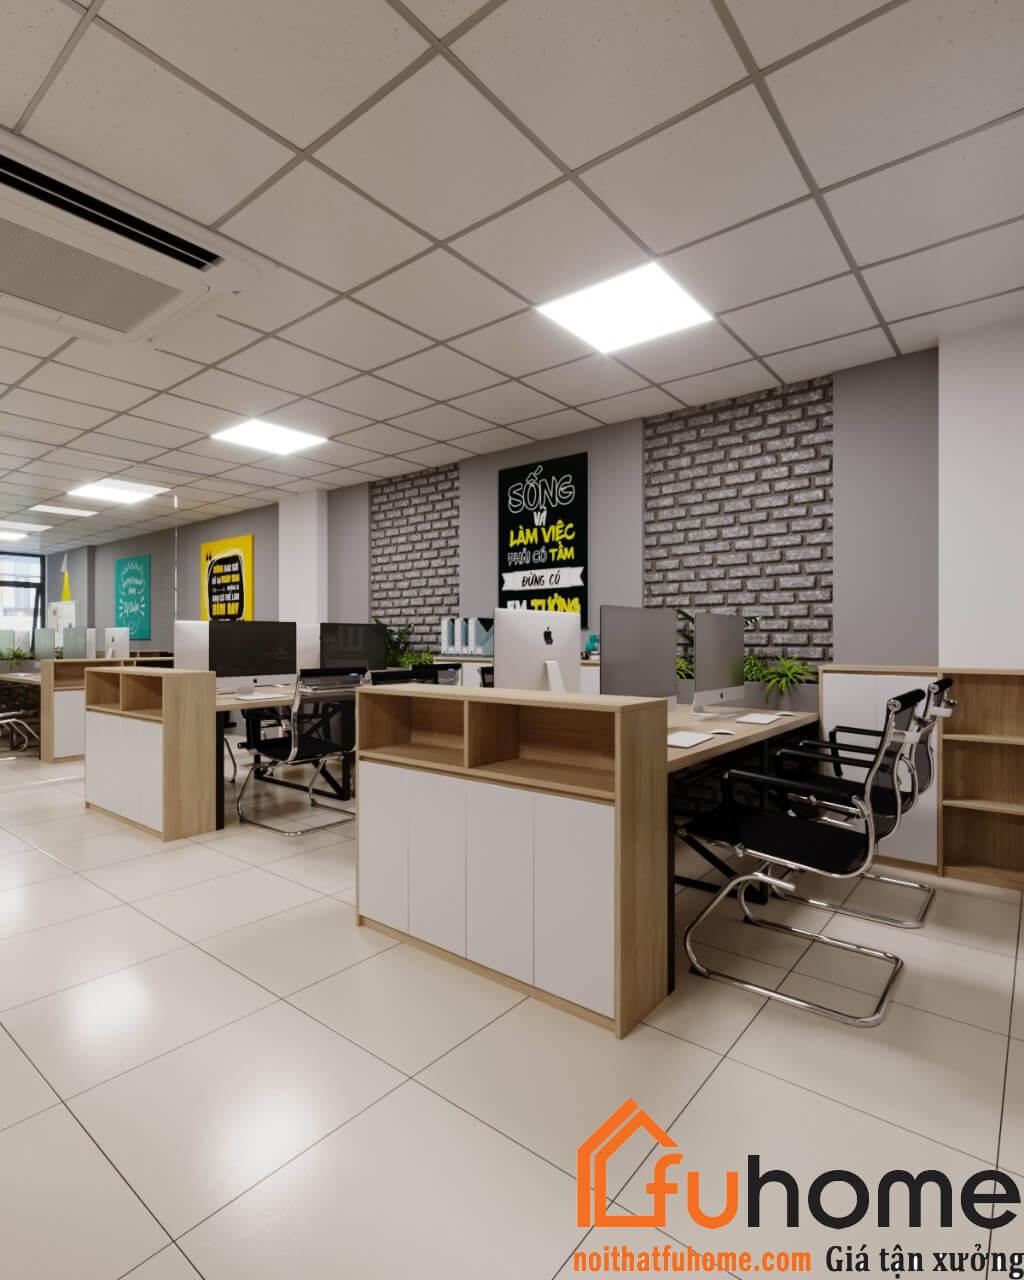 Báo giá thiết kế nội thất văn phòng, thi công nội thất trọn gói